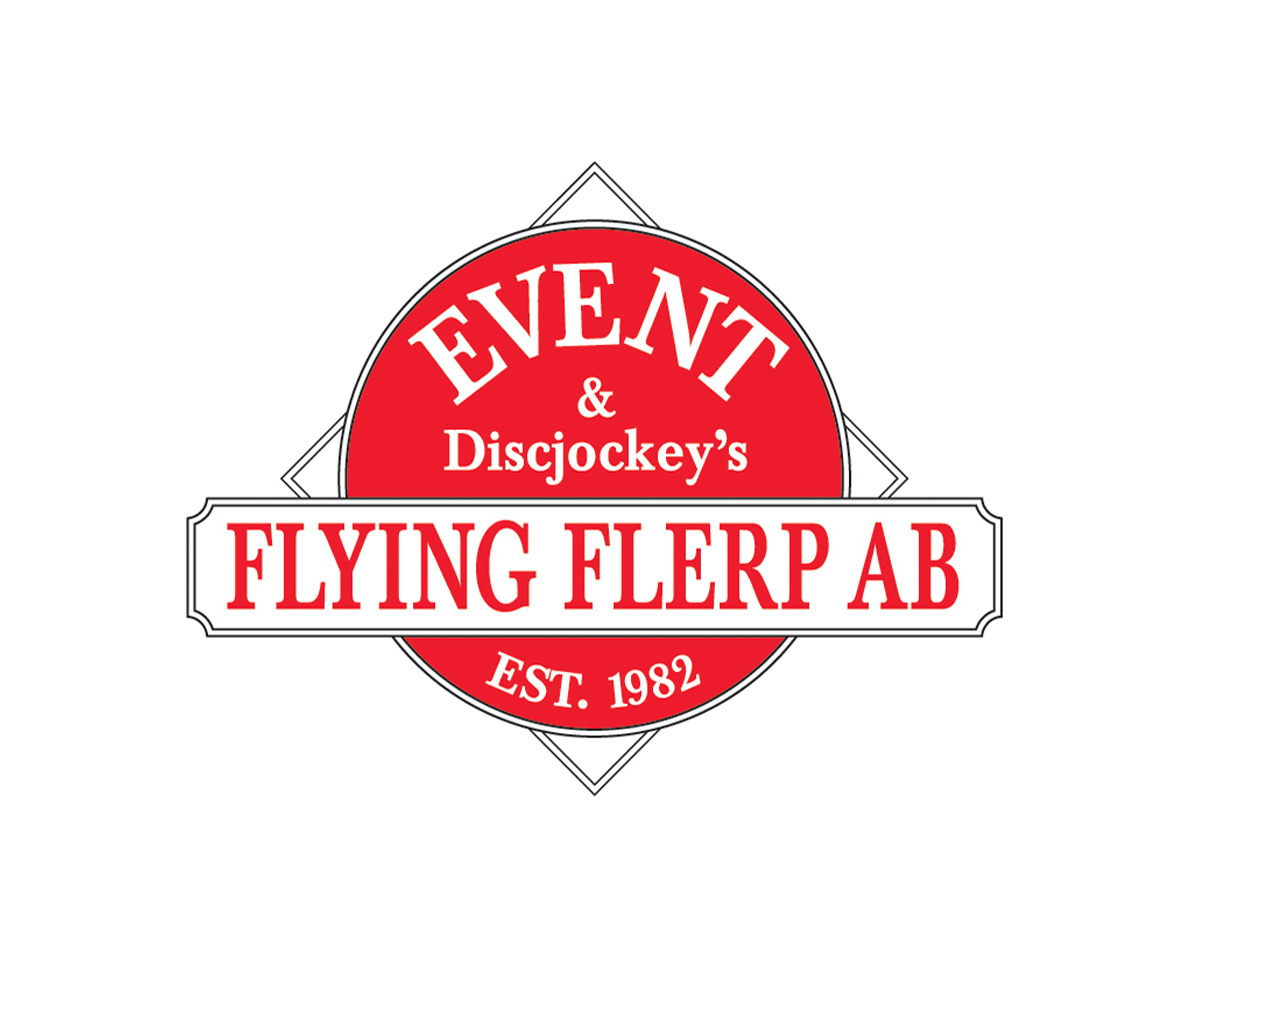 Tältuthyrning | Flying Flerp